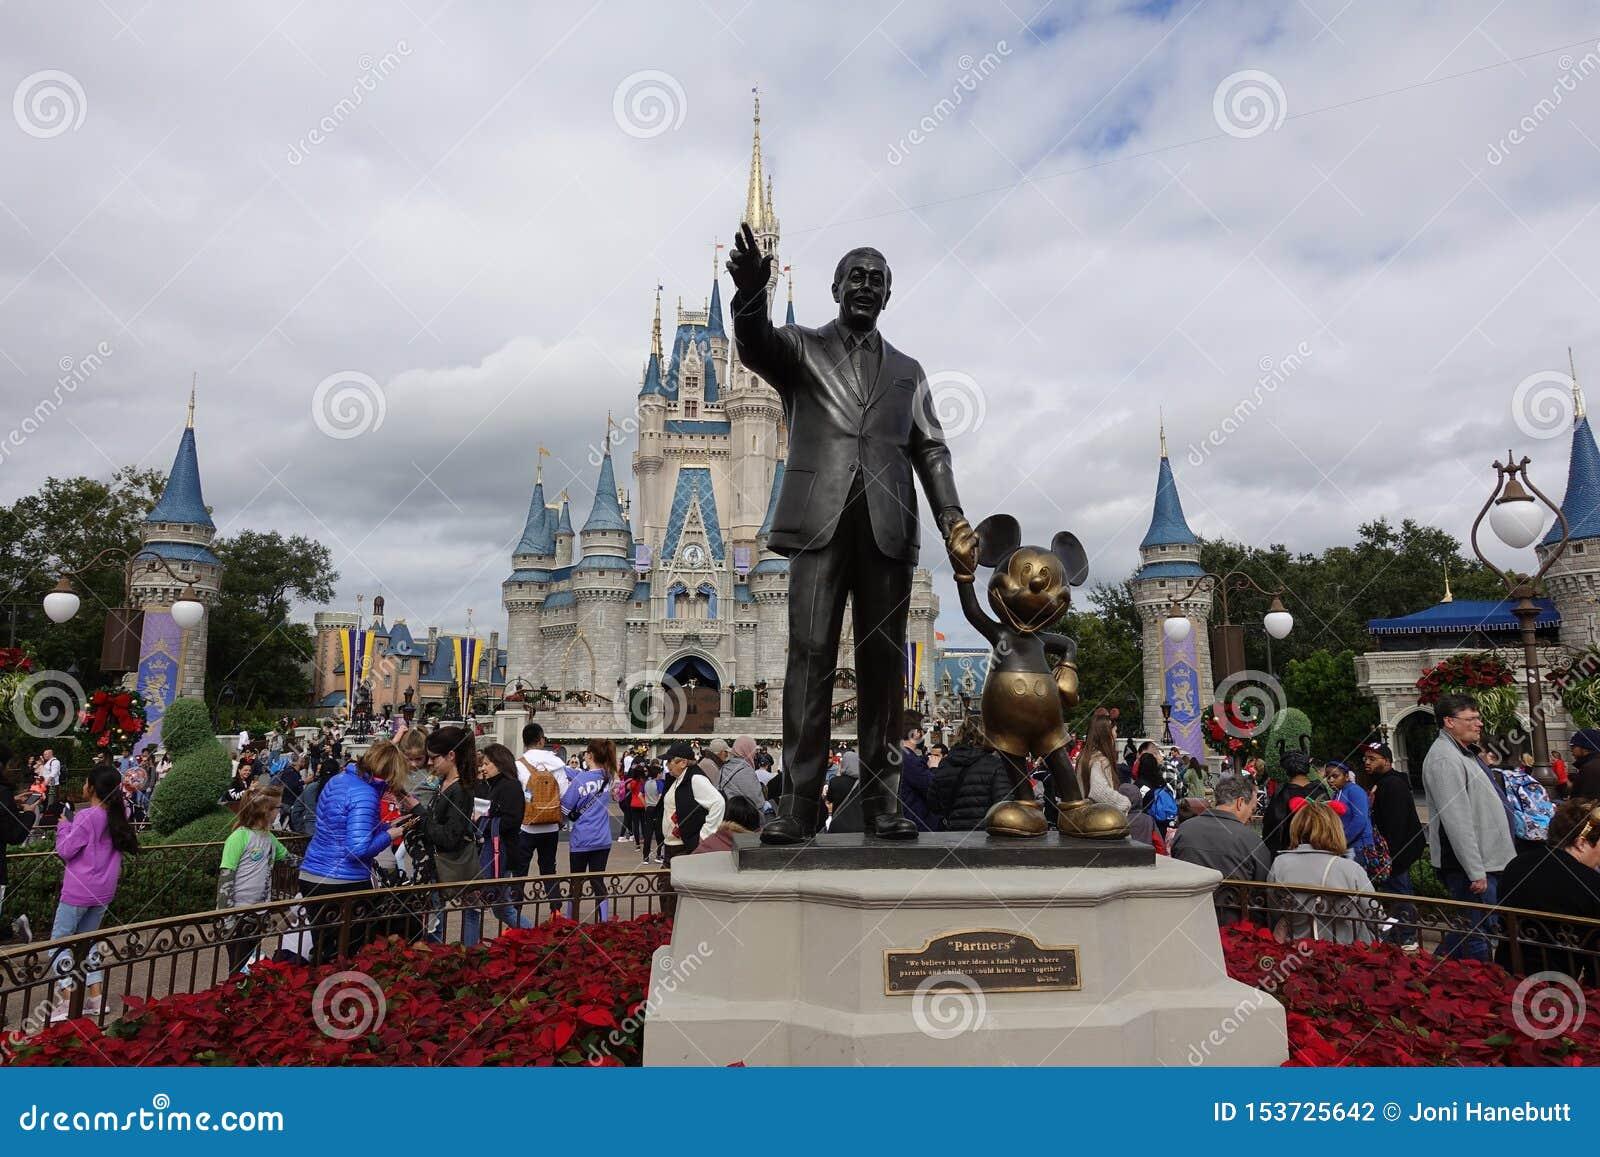 Främre horisontalsikt av den Walt Disney och Mickey Mouse Partners statyn